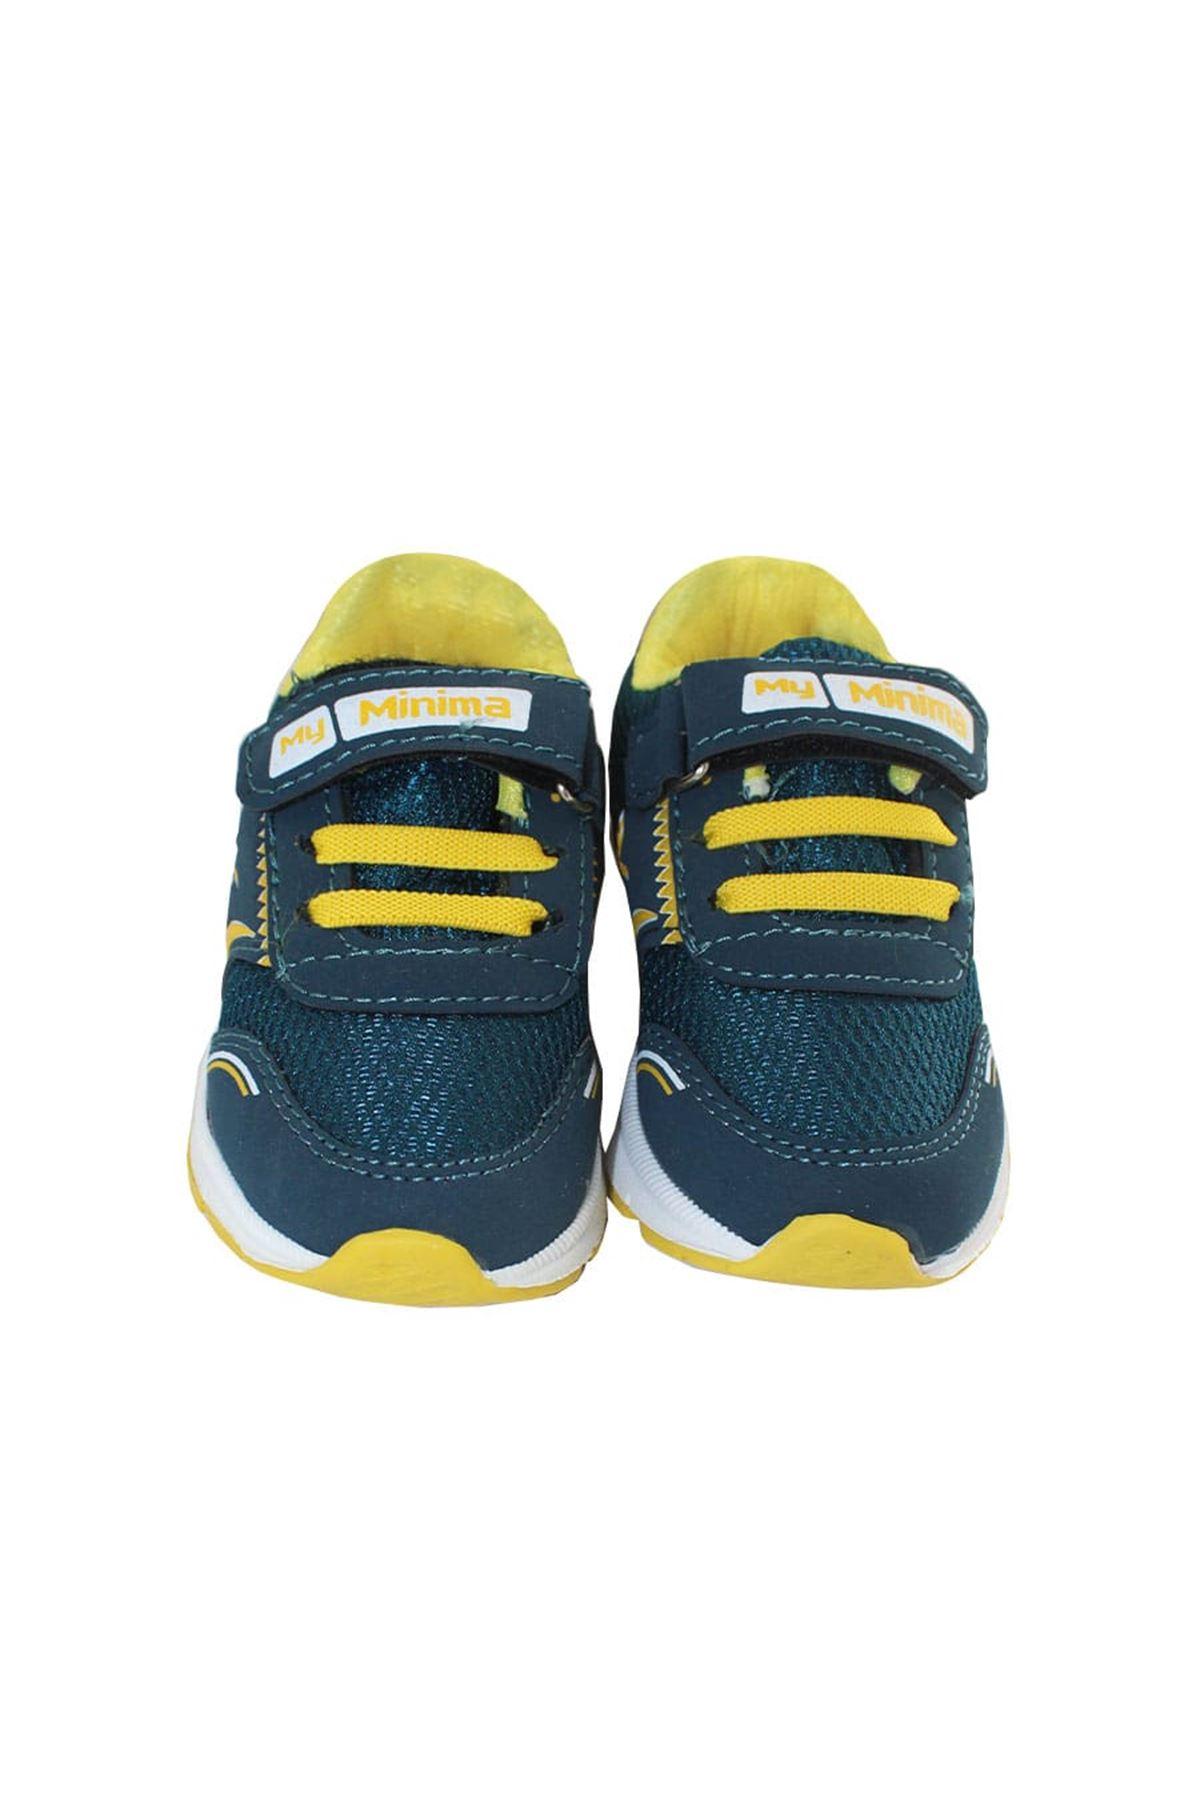 Işıklı Yeşil Sarı Cırtlı Lastikli Çocuk Yürüyüş ve Spor Ayakkabısı